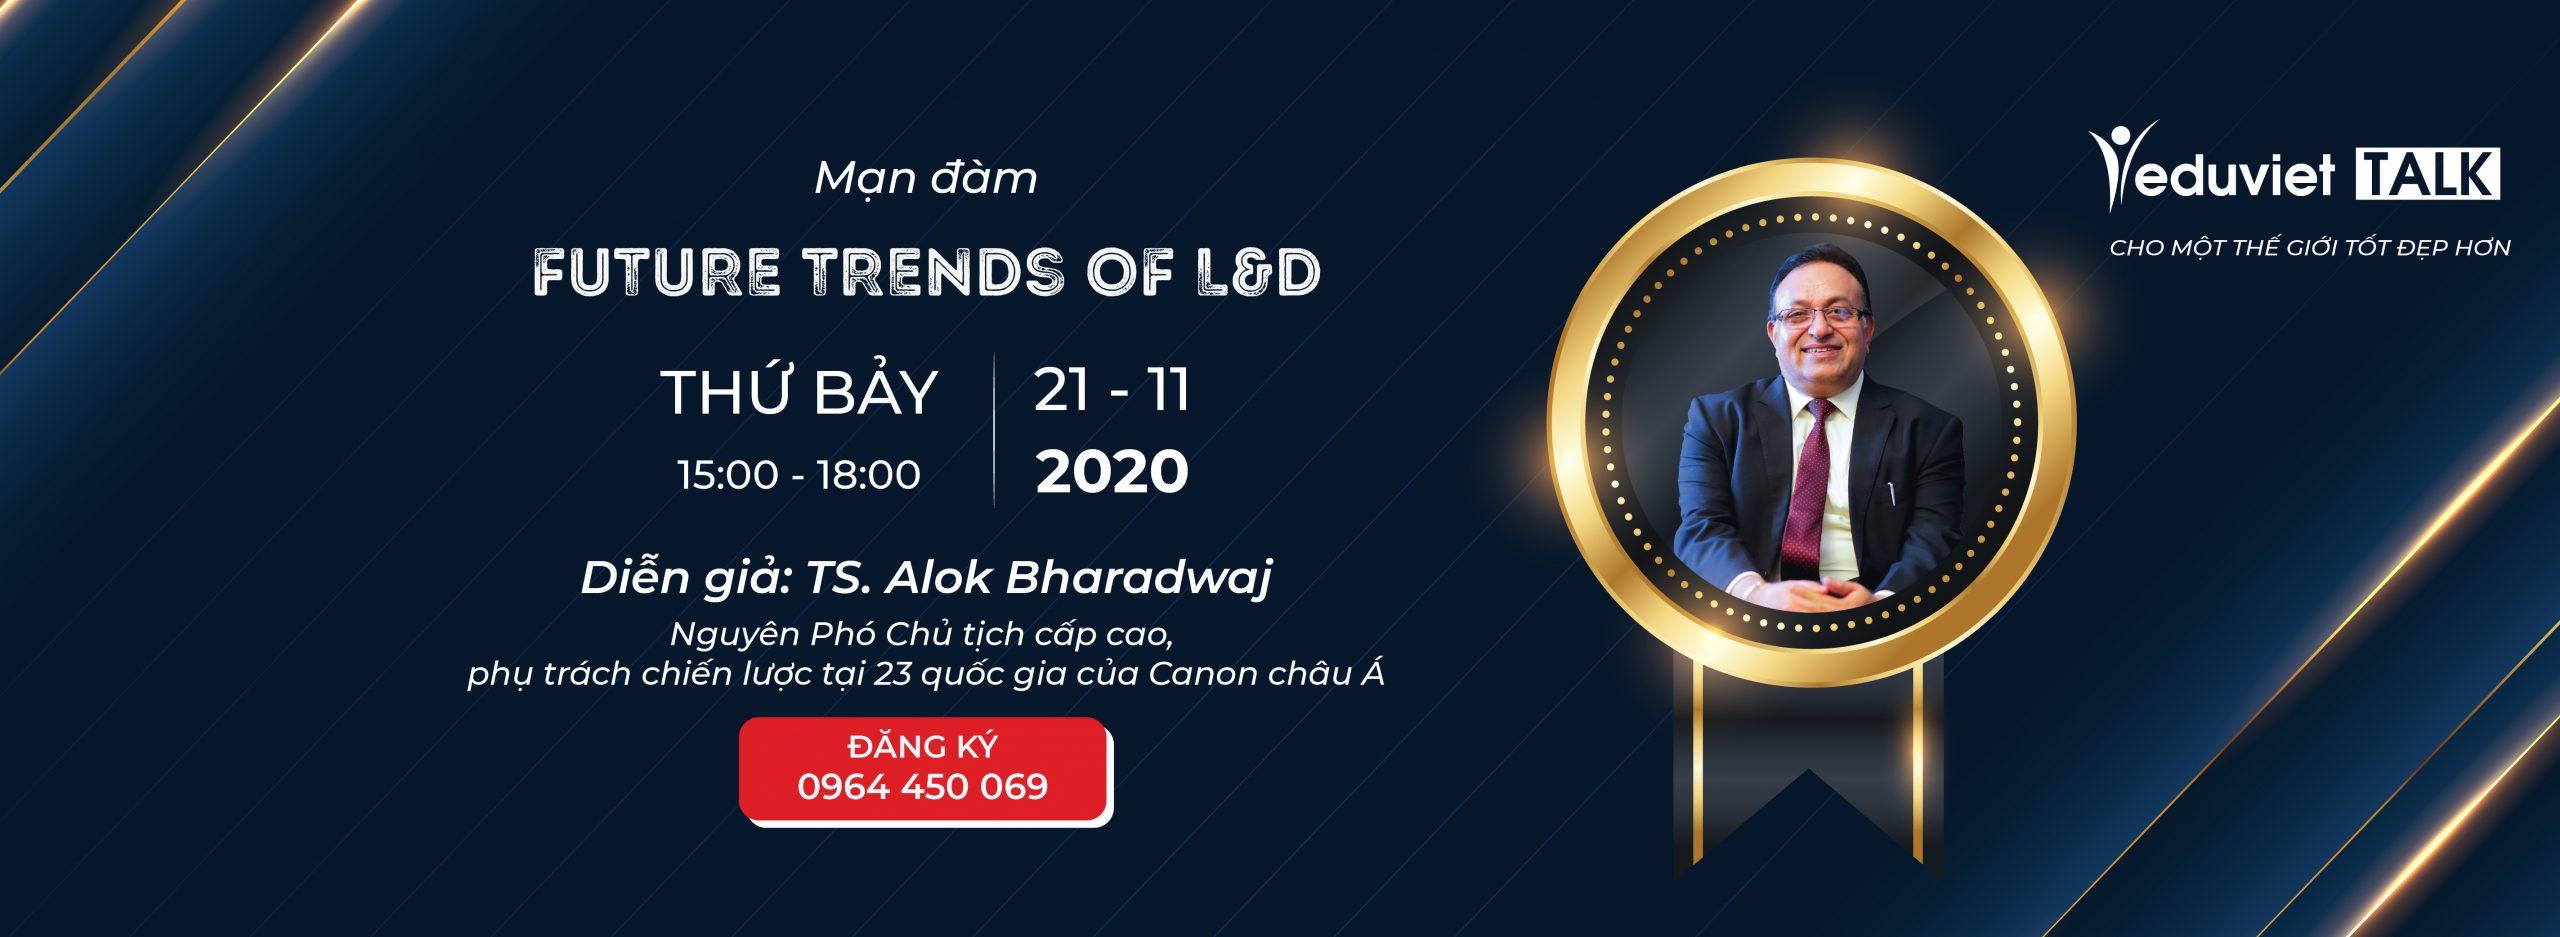 """Thông tin buổi mạn đàm mang tên """"Future Trends of L&D"""" với TS. Alok Bharadwaj"""